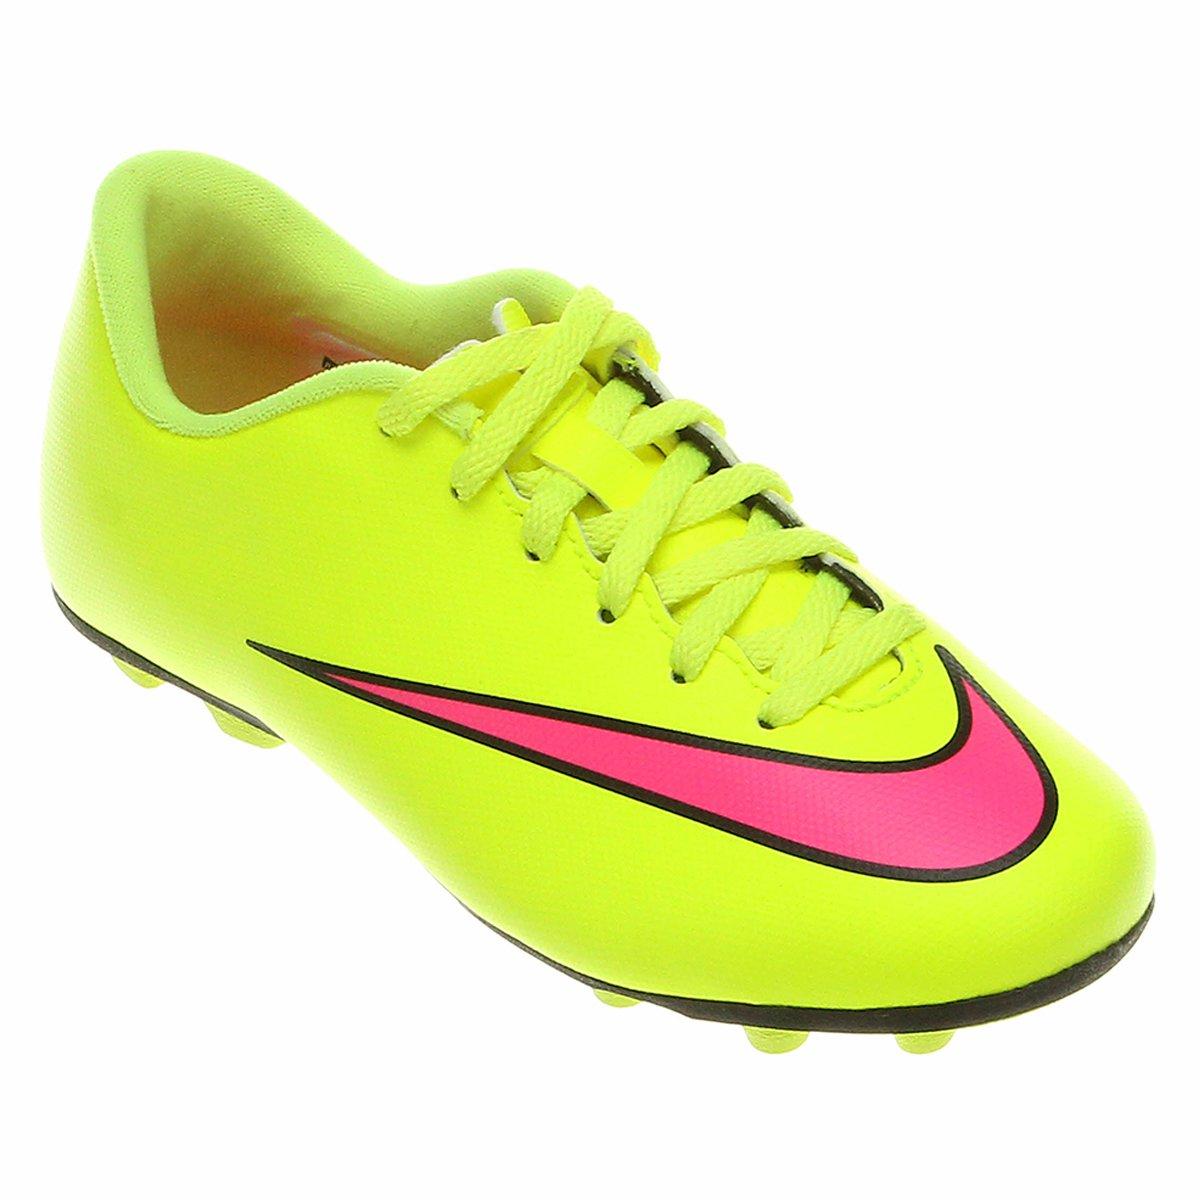 Chuteira Nike Mercurial Vortex 2 FG Campo Infantil - Compre Agora ... 60a86dbfb23e1